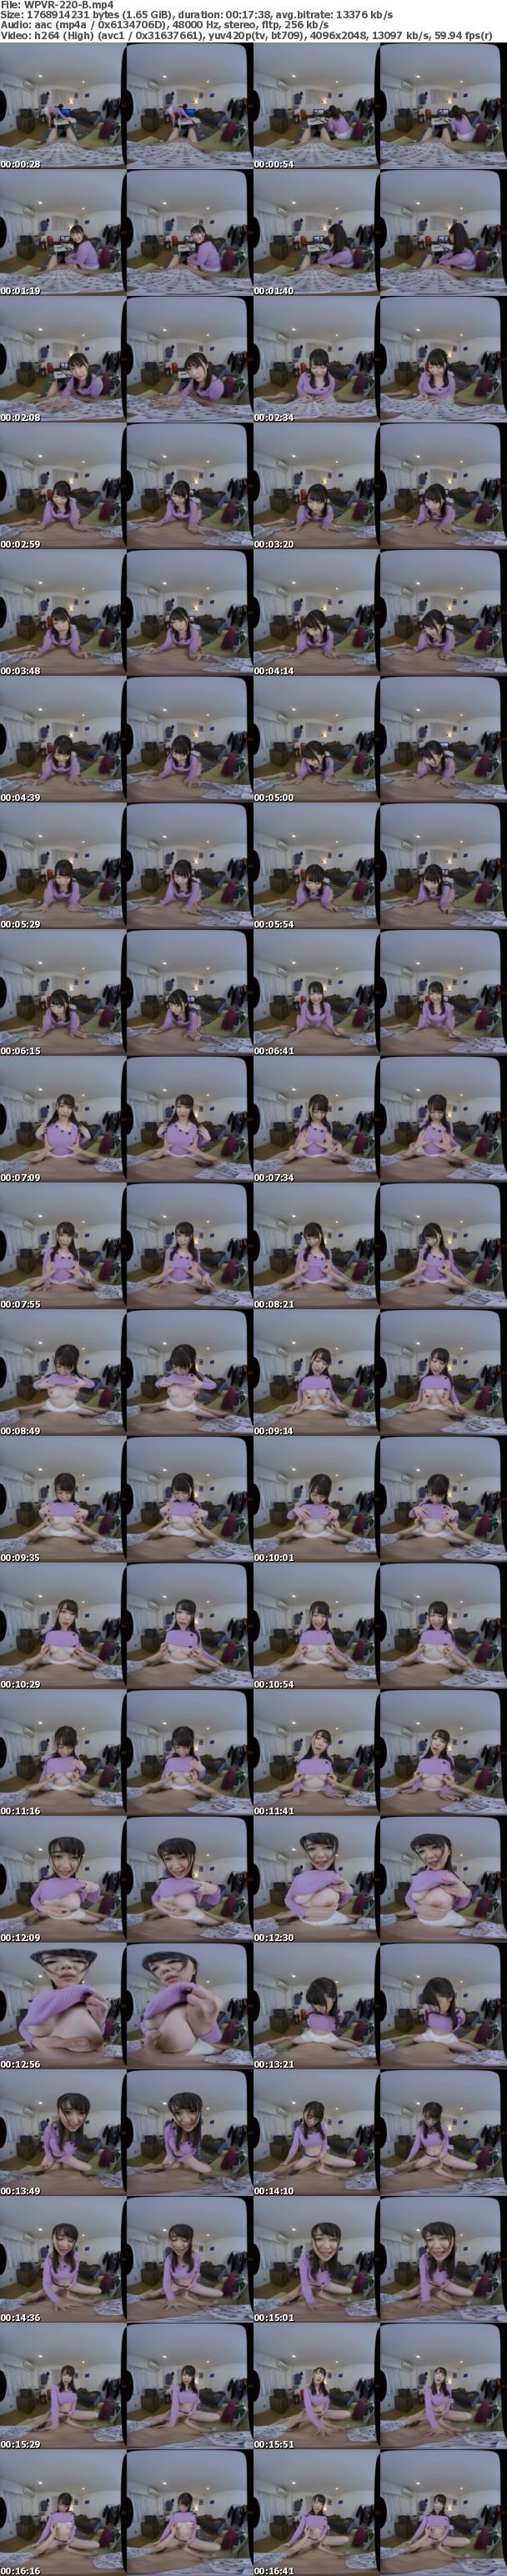 (VR) WPVR-220 童貞クン家で童貞狩り ver.VR 山本蓮加